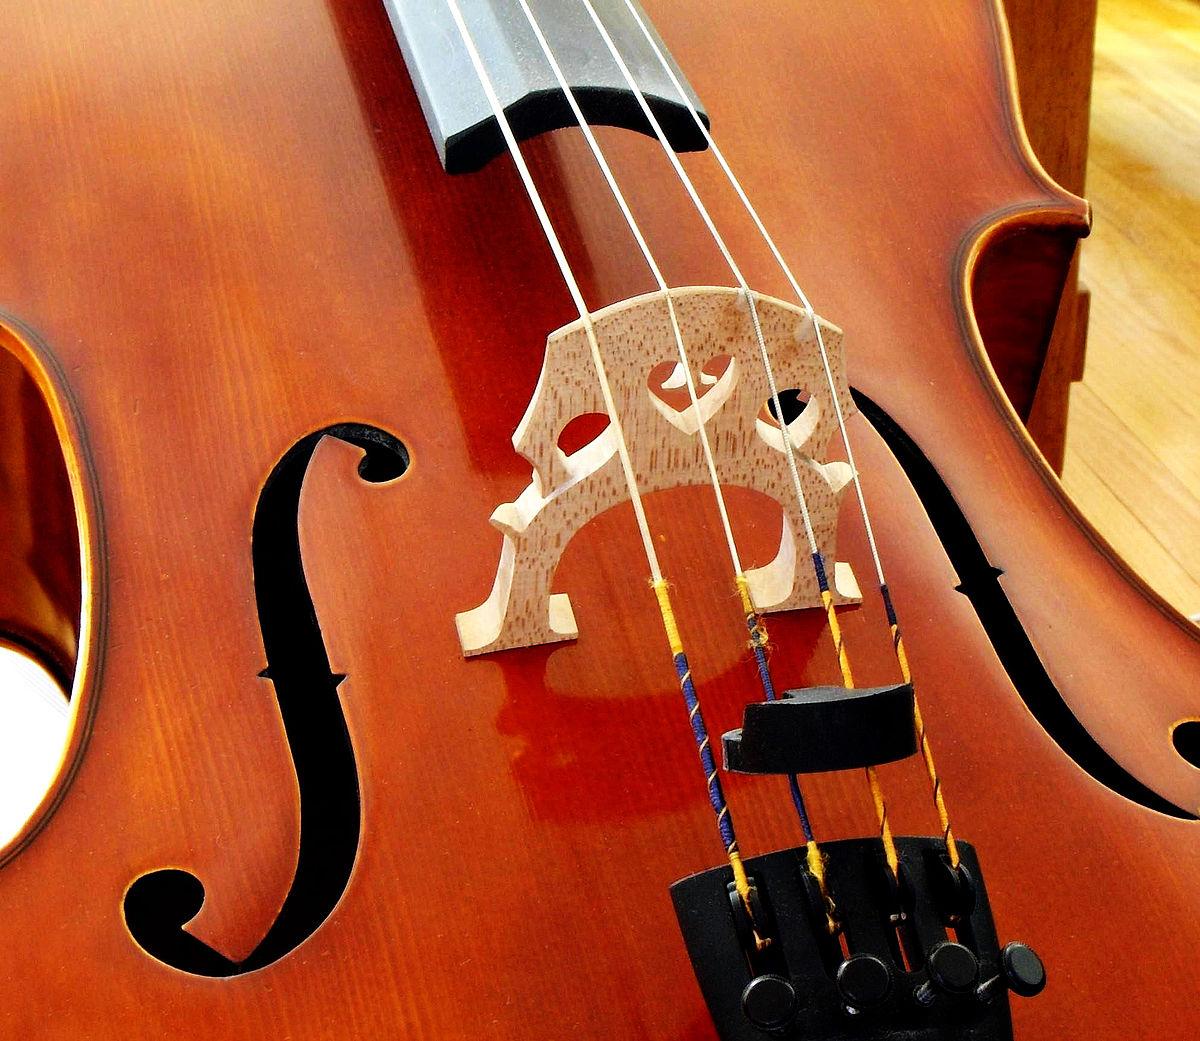 Instrumento musical wikip dia a enciclop dia livre - Instrumentos musicales leganes ...